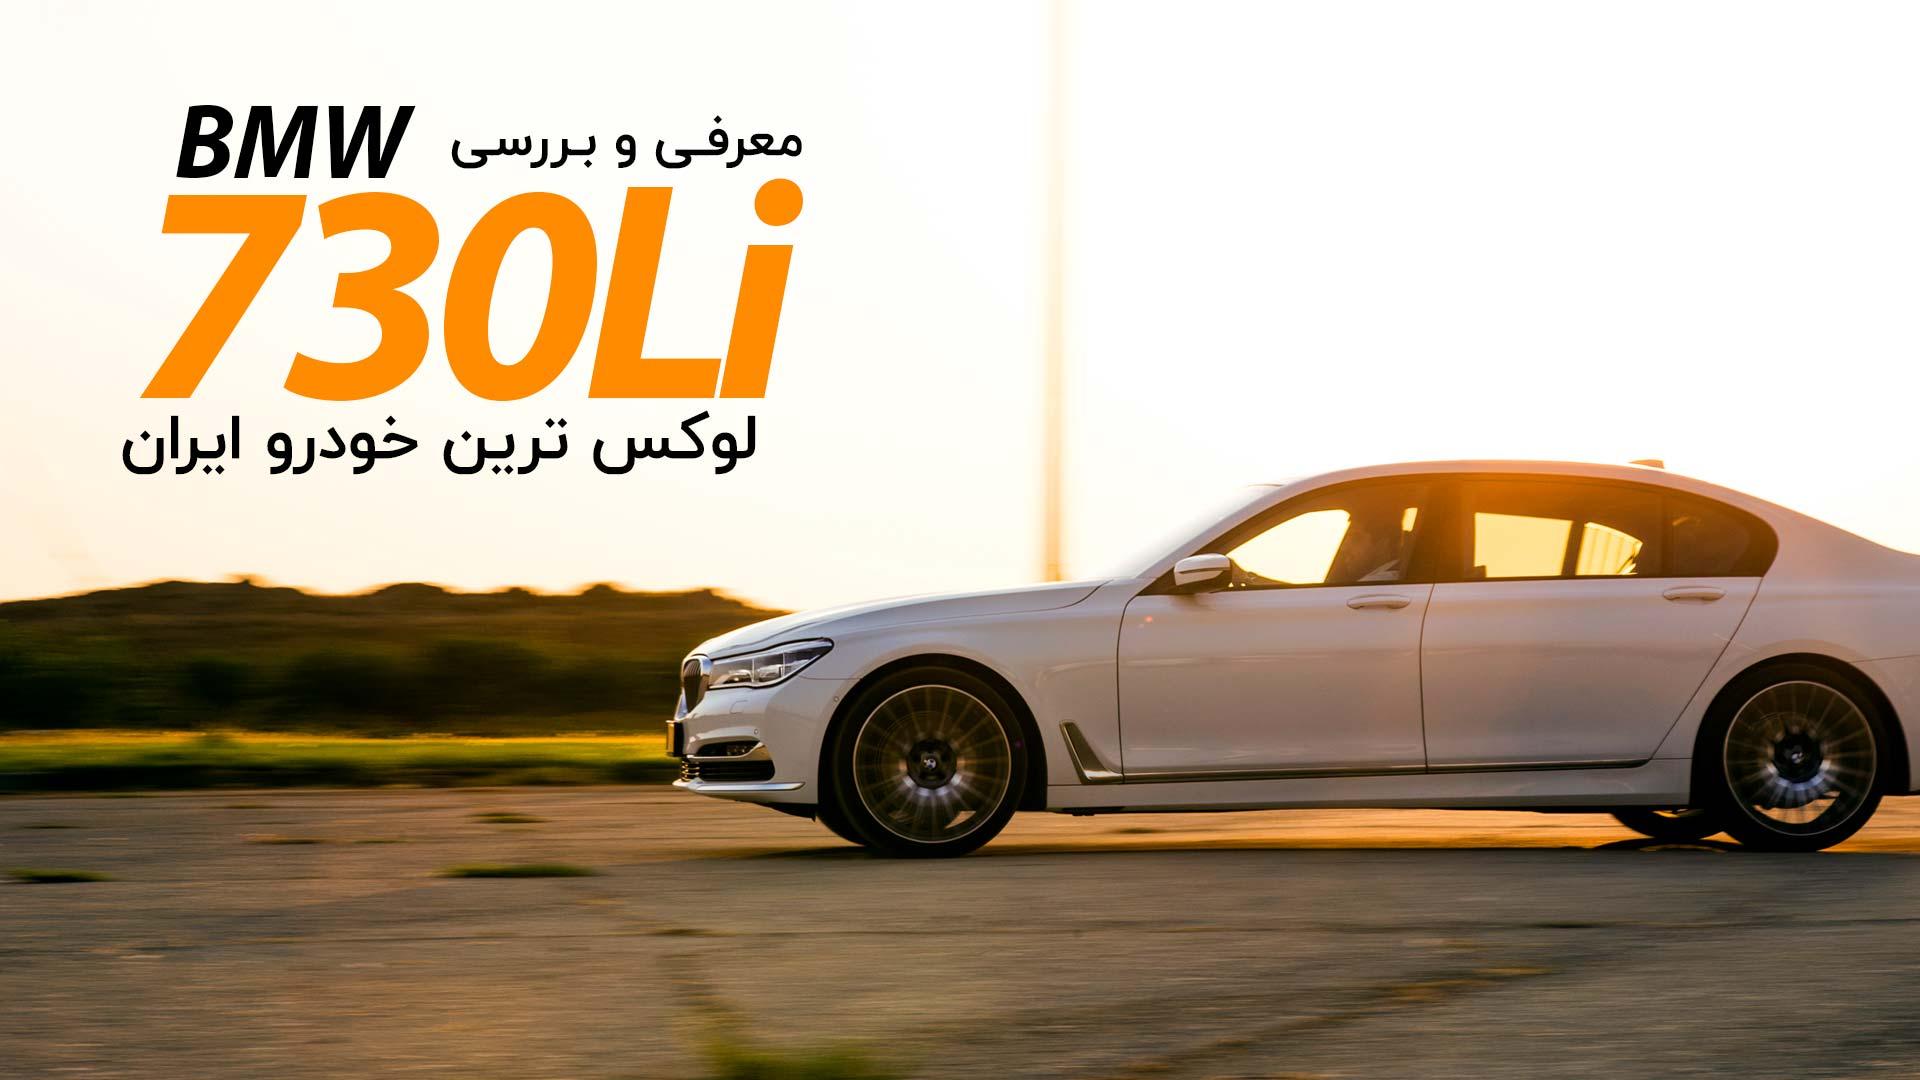 معرفی و بررسی 730Li، پرچمدار محصولات ب ام و در ایران